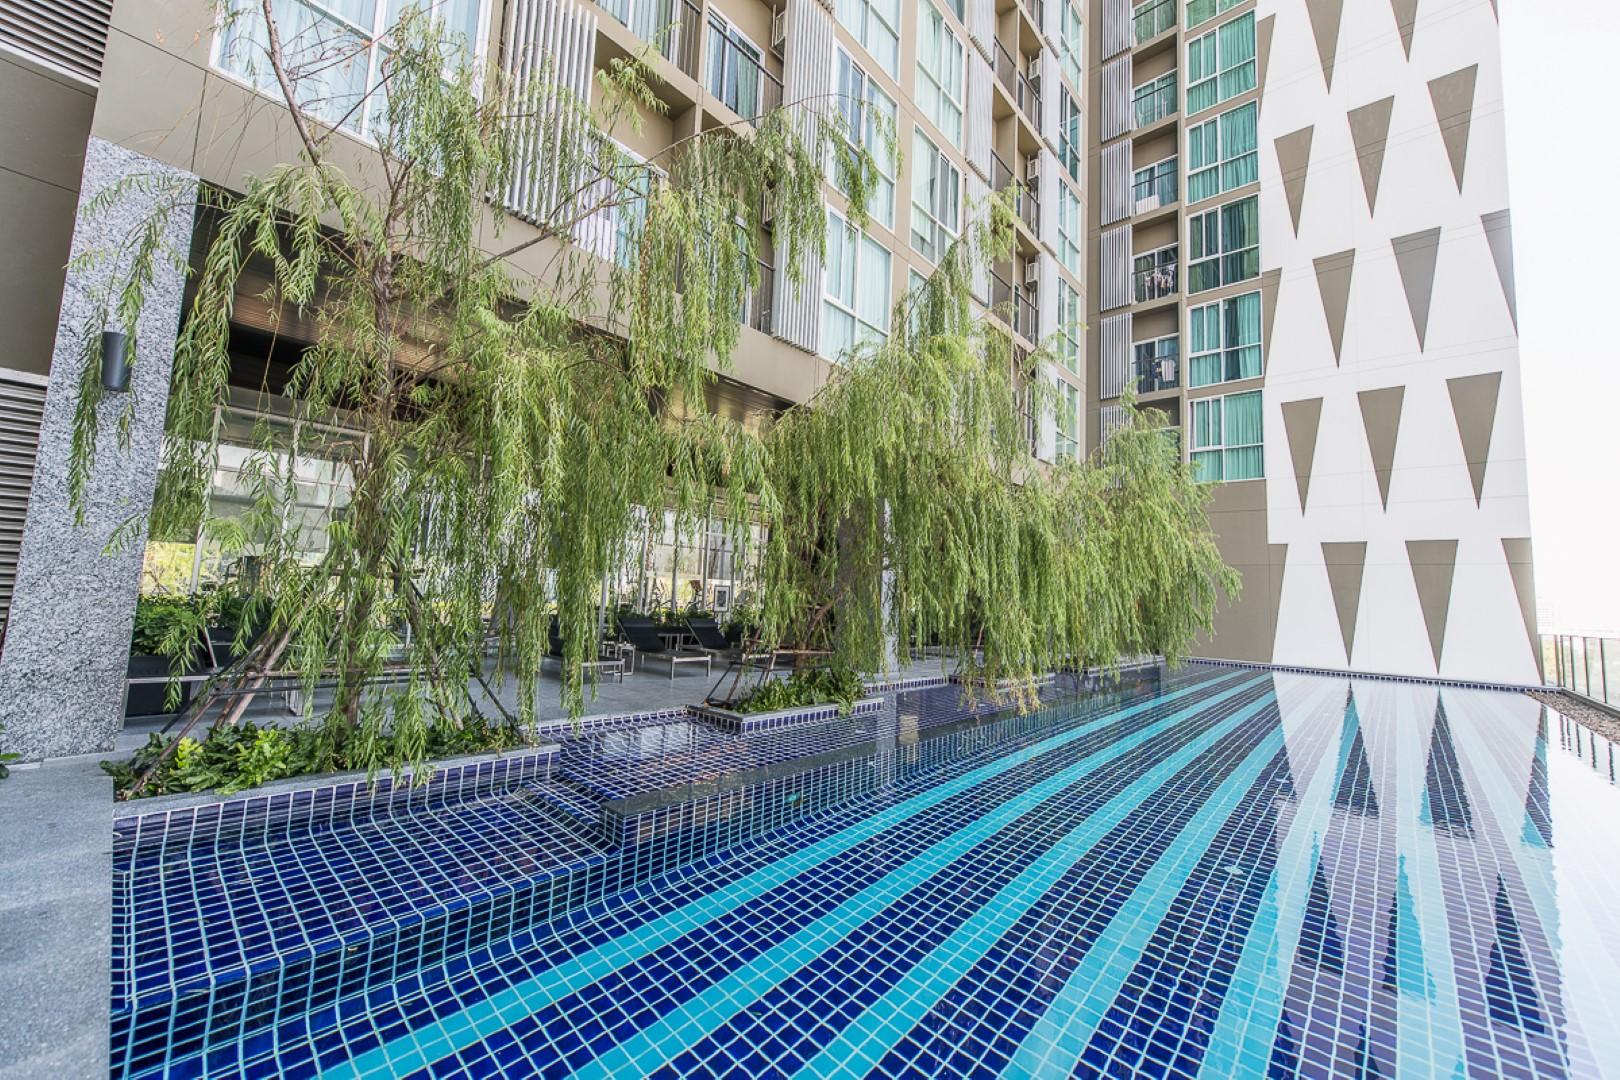 Achat d'un appartement en Thaïlande